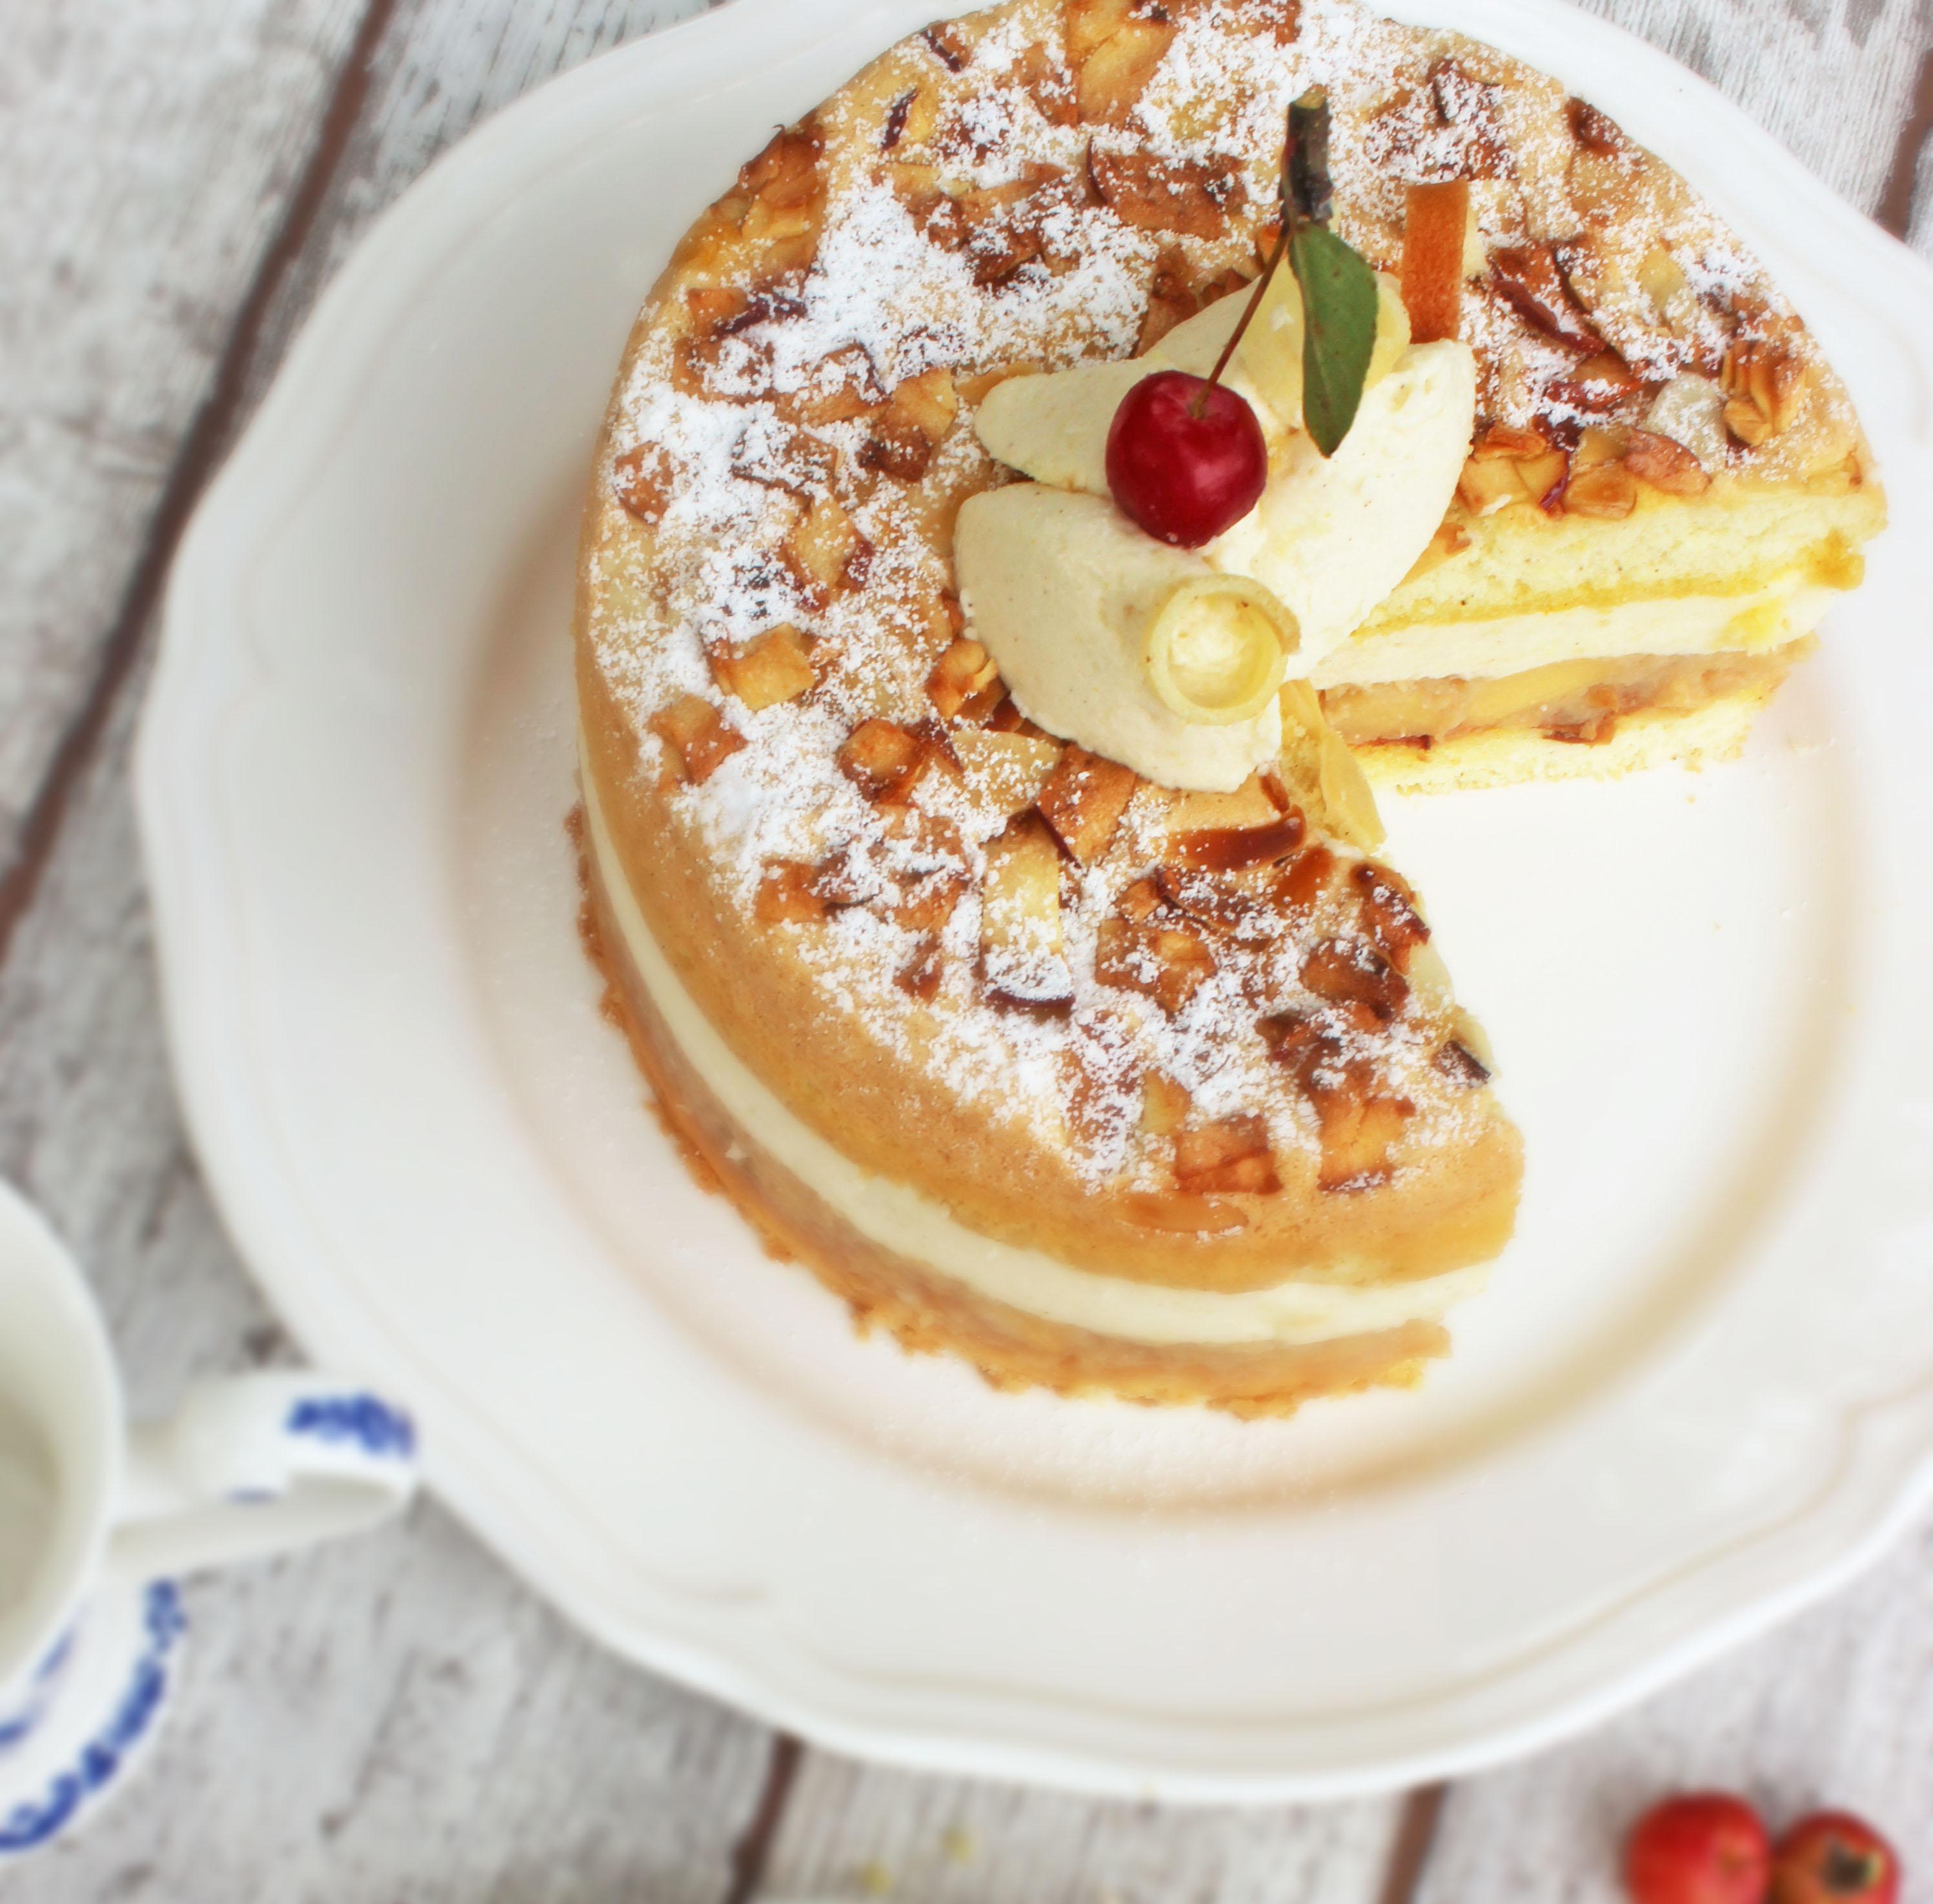 Apfel-Quitten-Torte_4520_2_bearbeitet-1